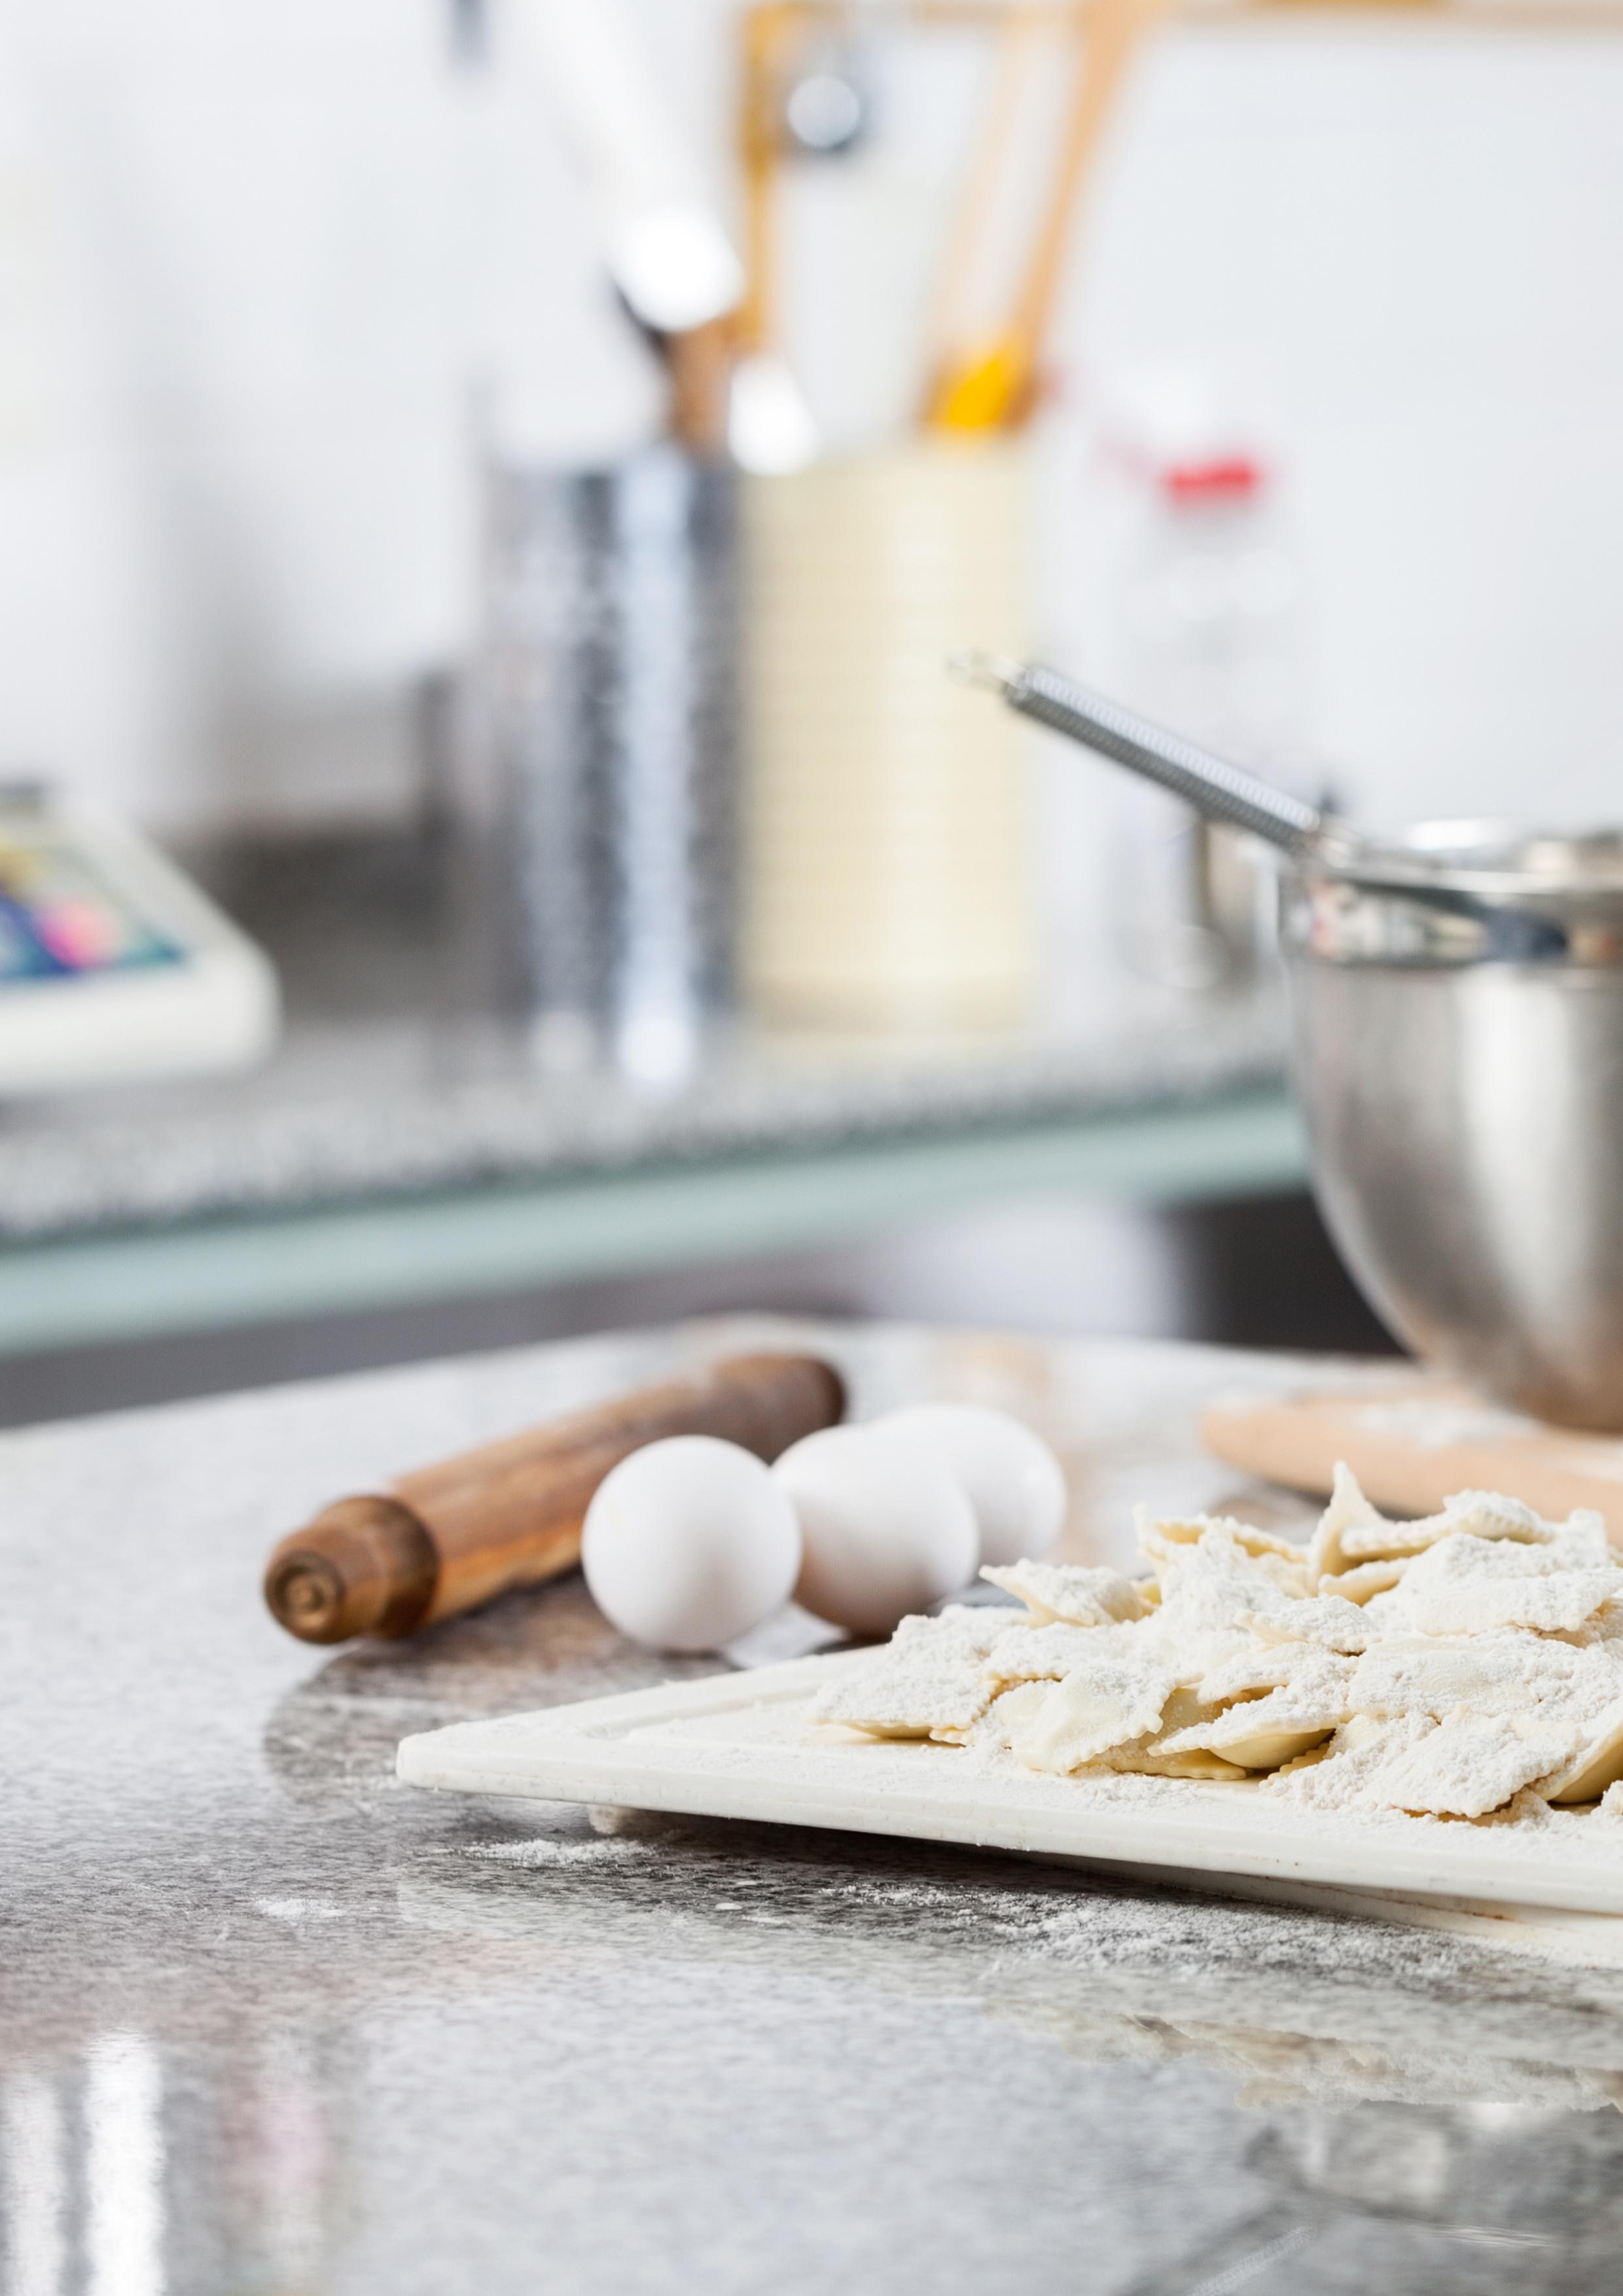 pristine kitchen countertop